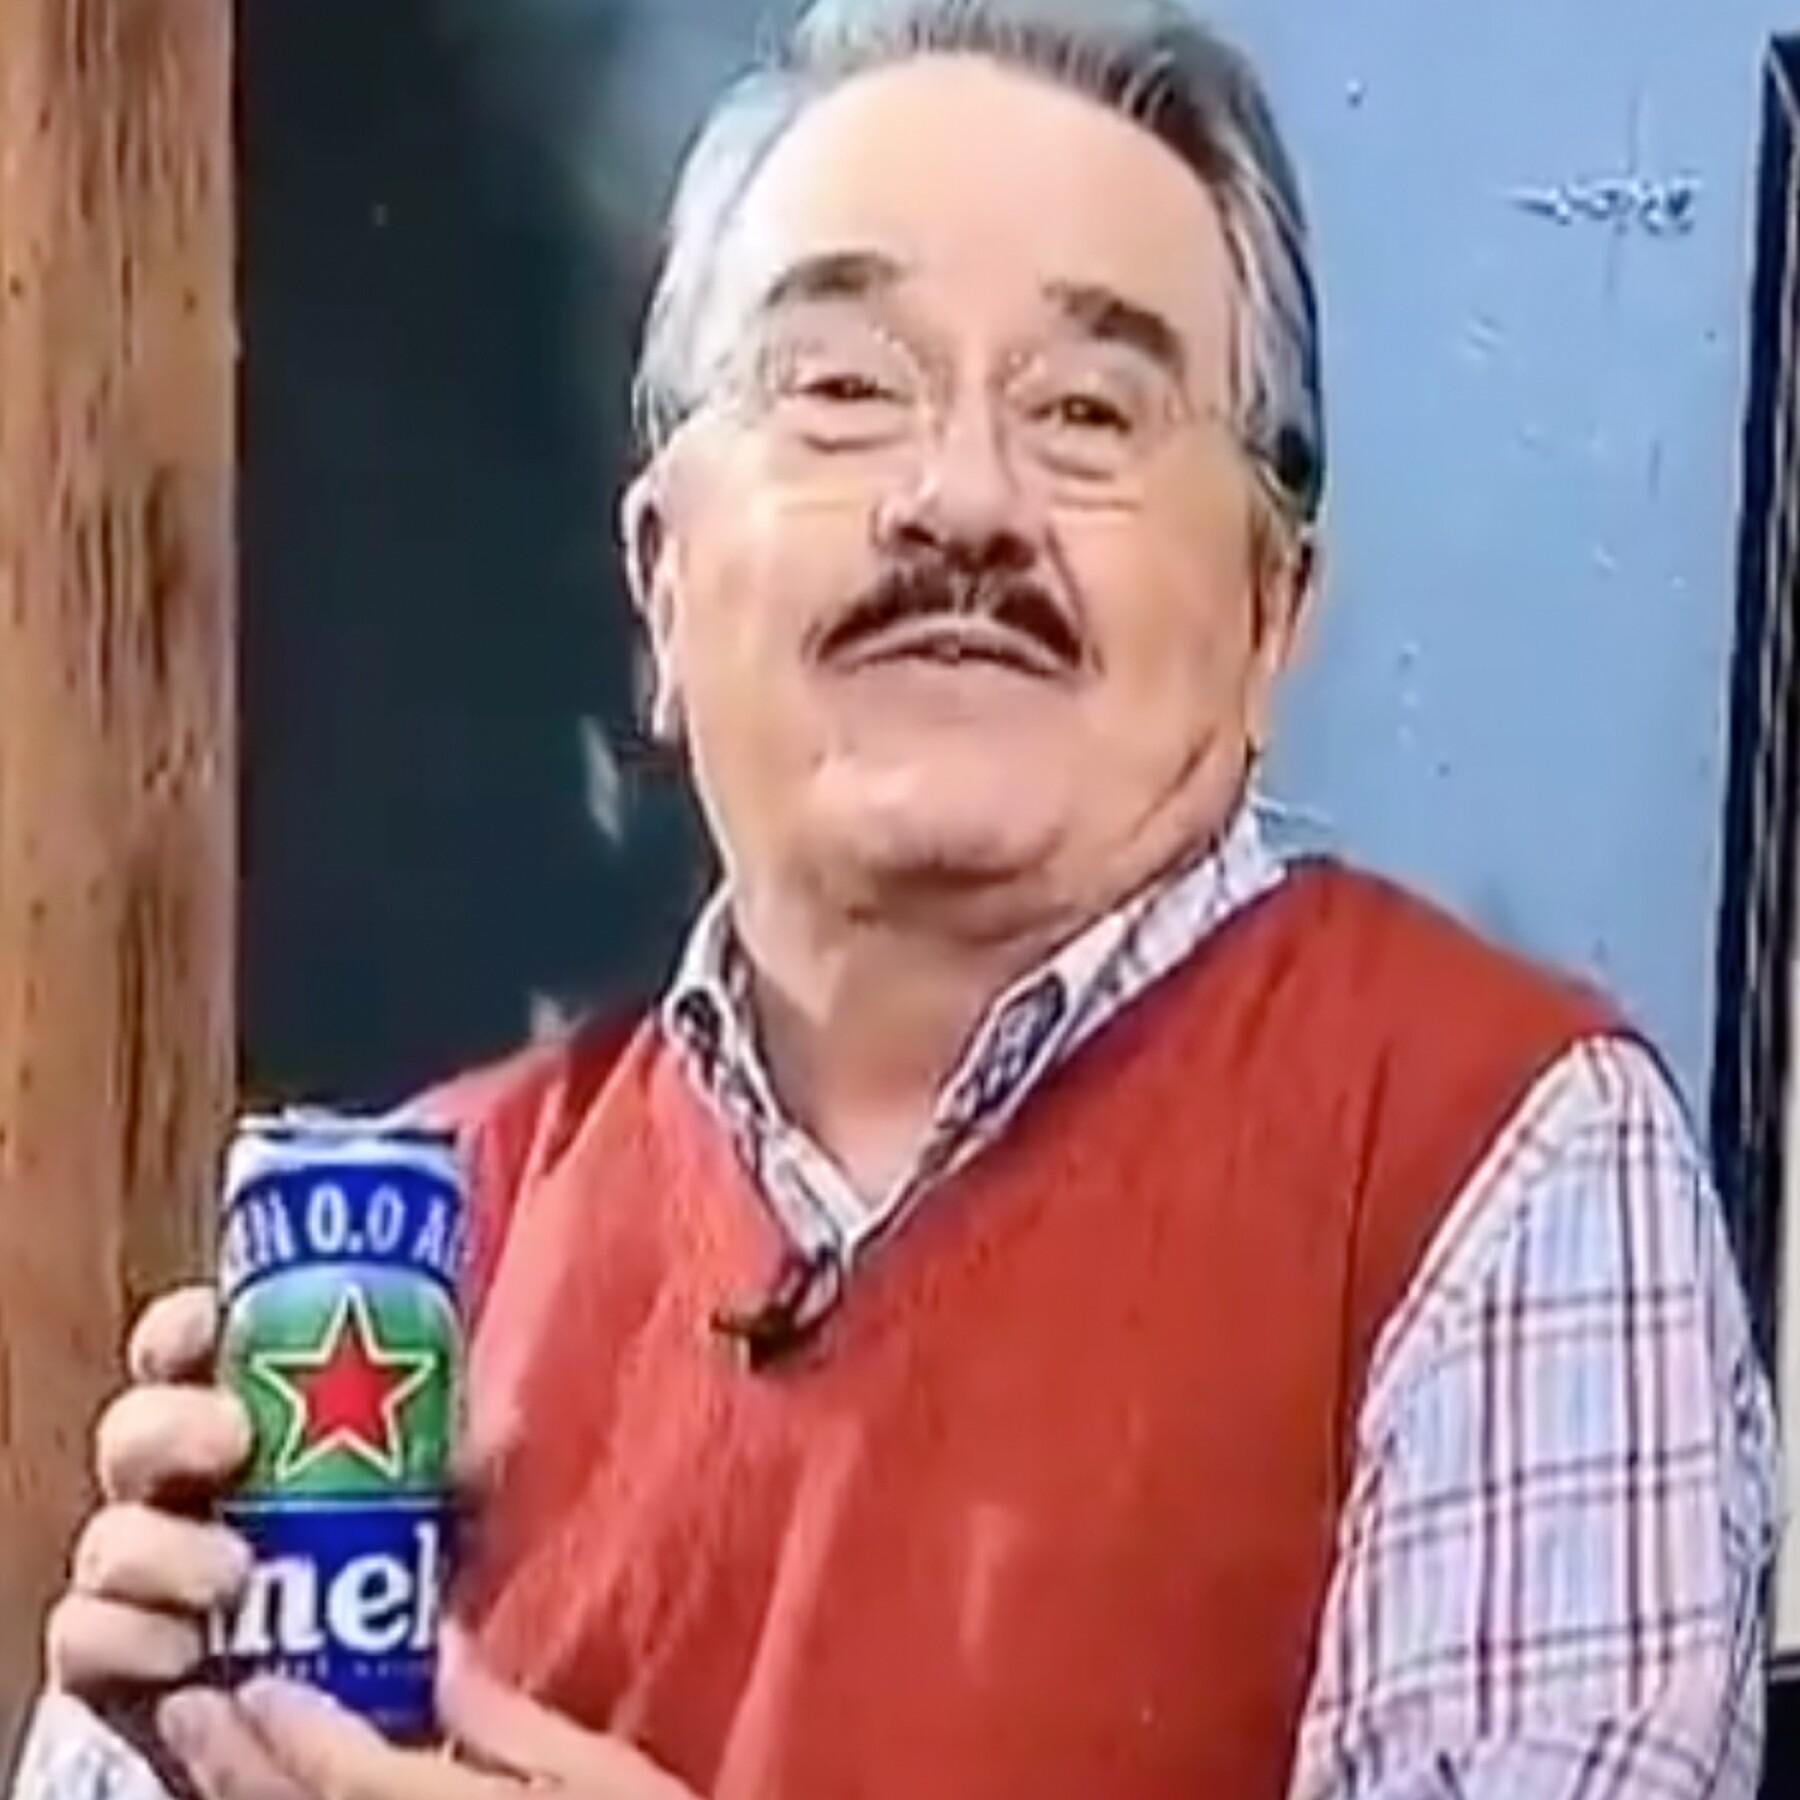 pedro-sola-cerveza.jpg